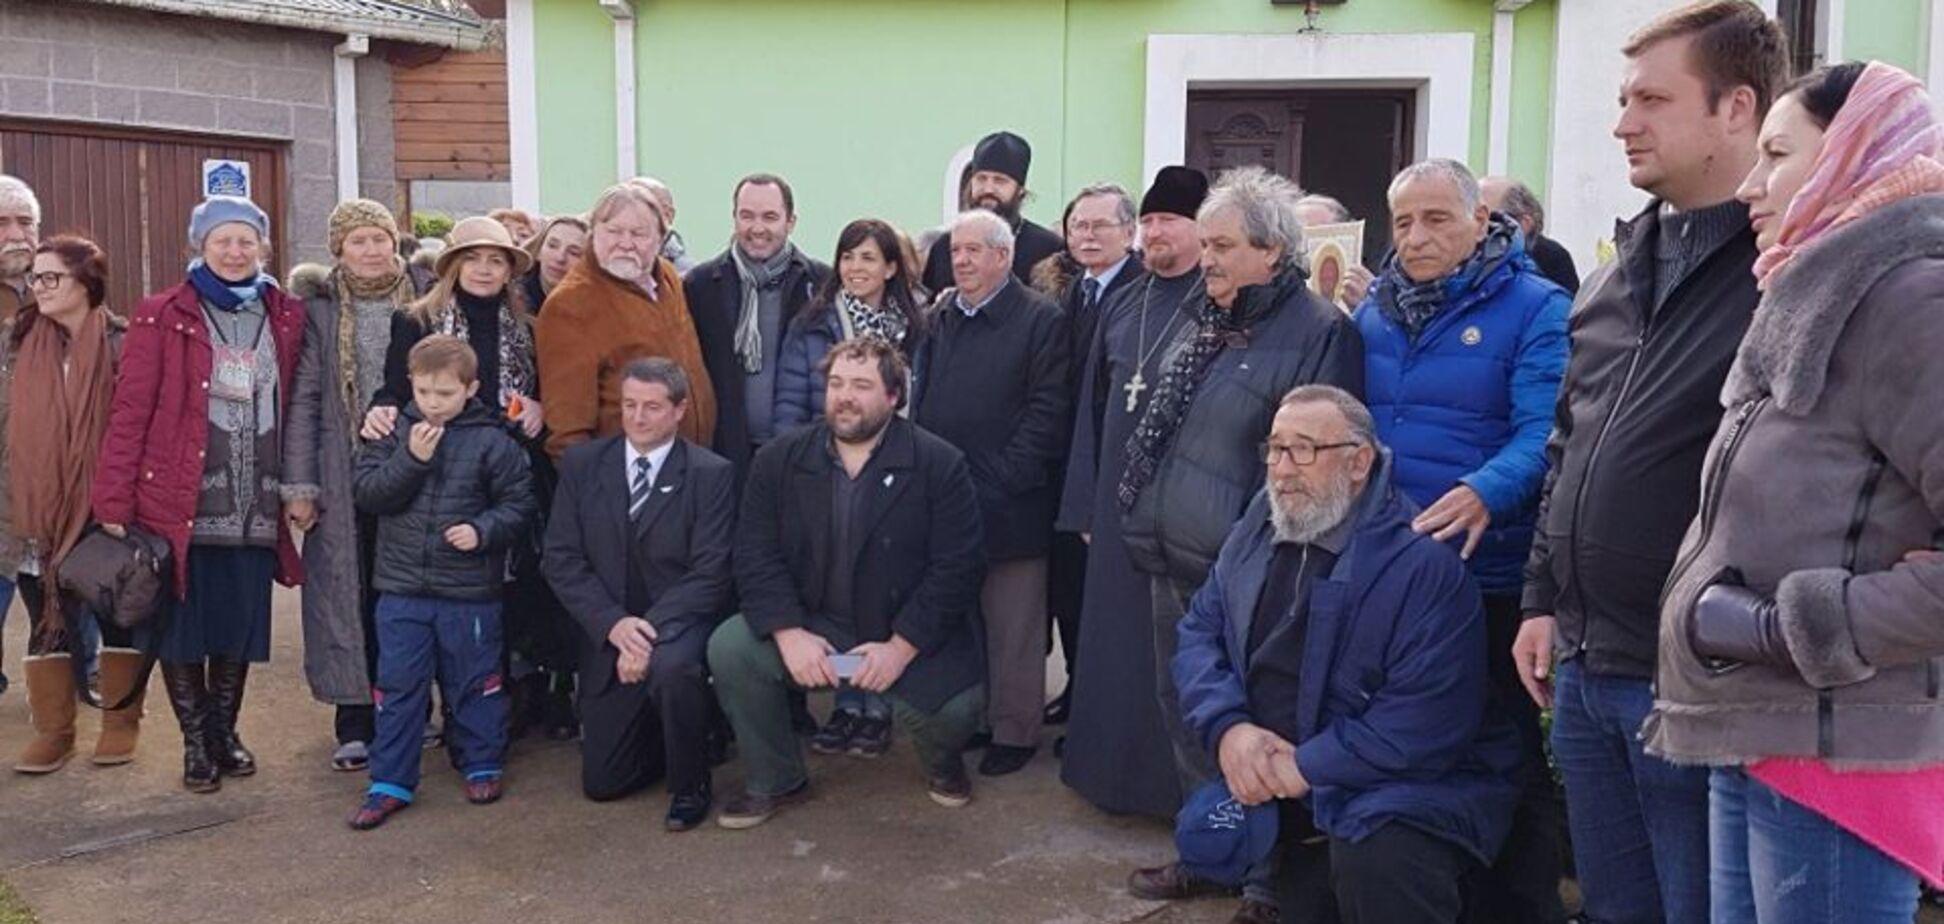 Кокаиновый скандал: задержаны православные меценаты России